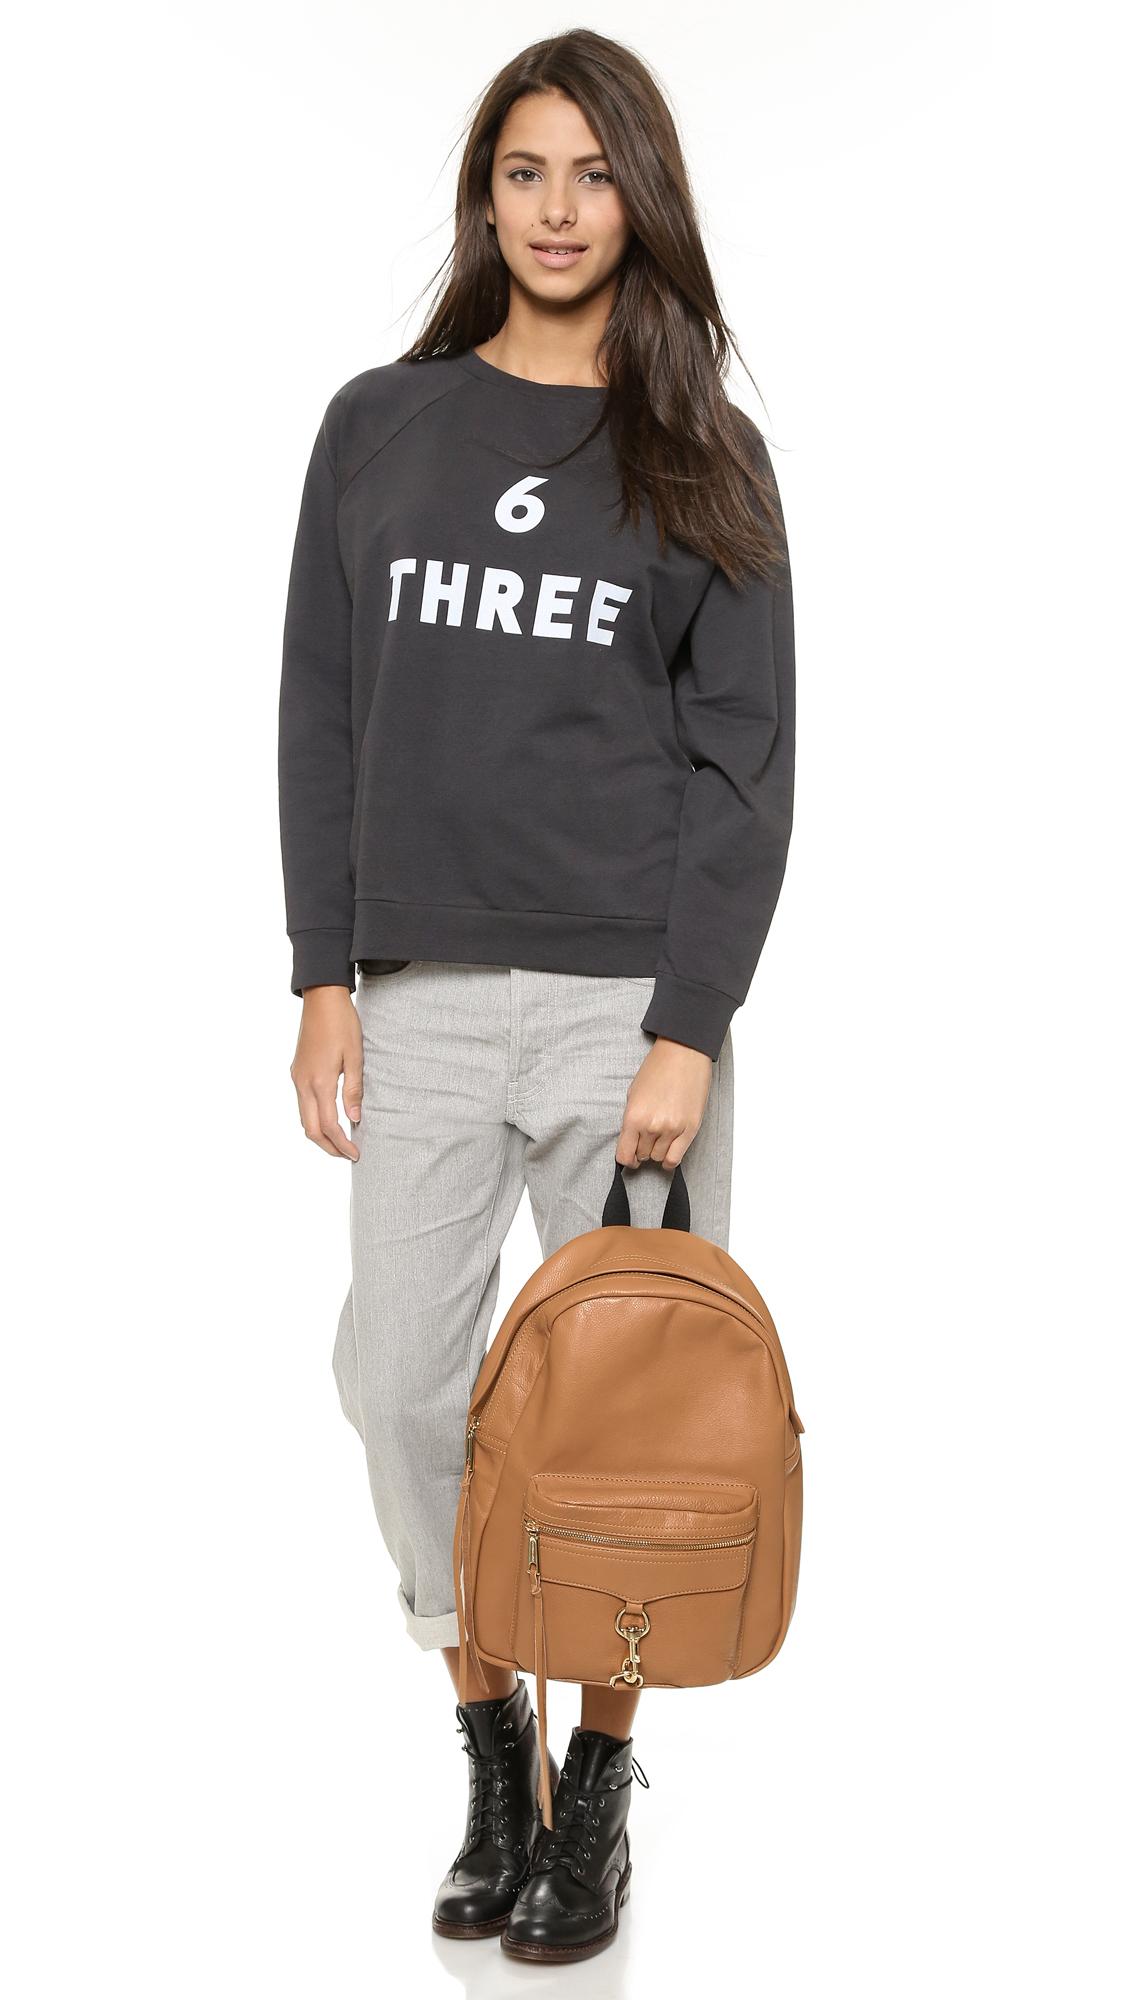 Rebecca Minkoff Mab Backpack - Fatigue in Brown